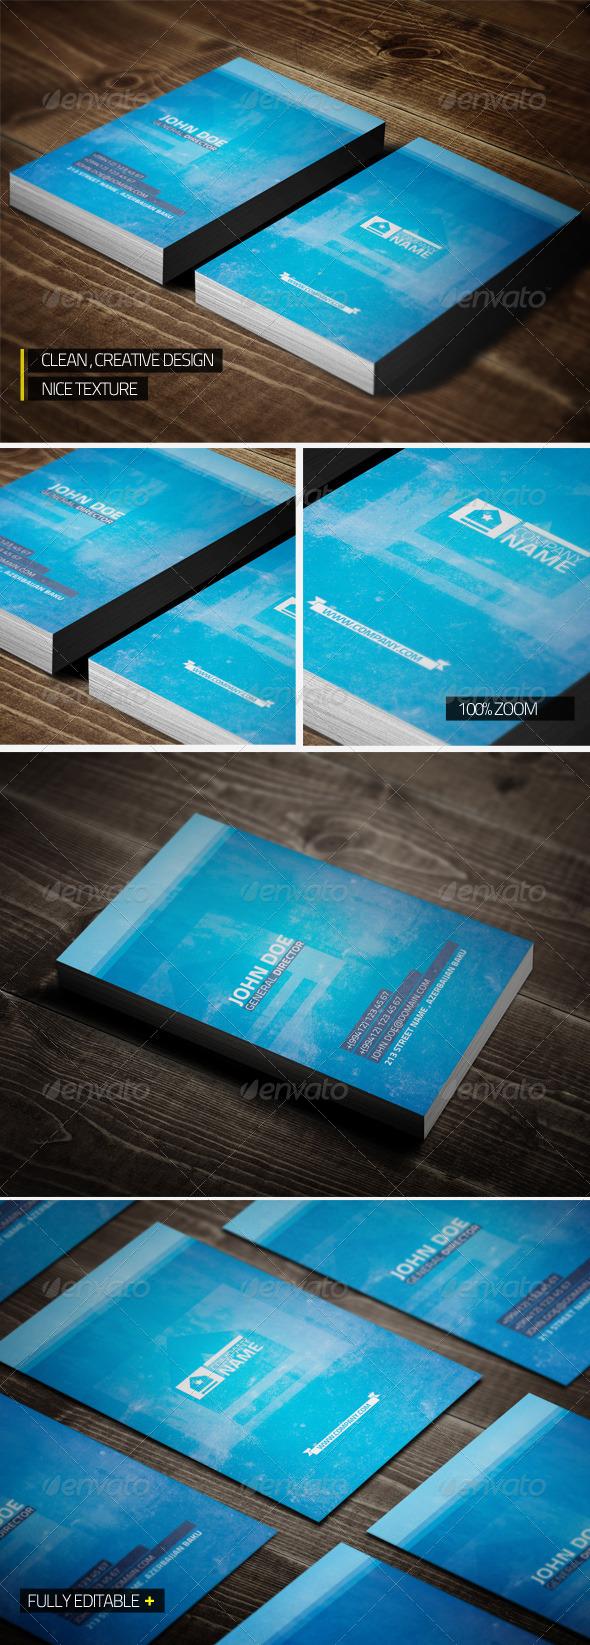 Sleek Modern Business Card - Creative Business Cards